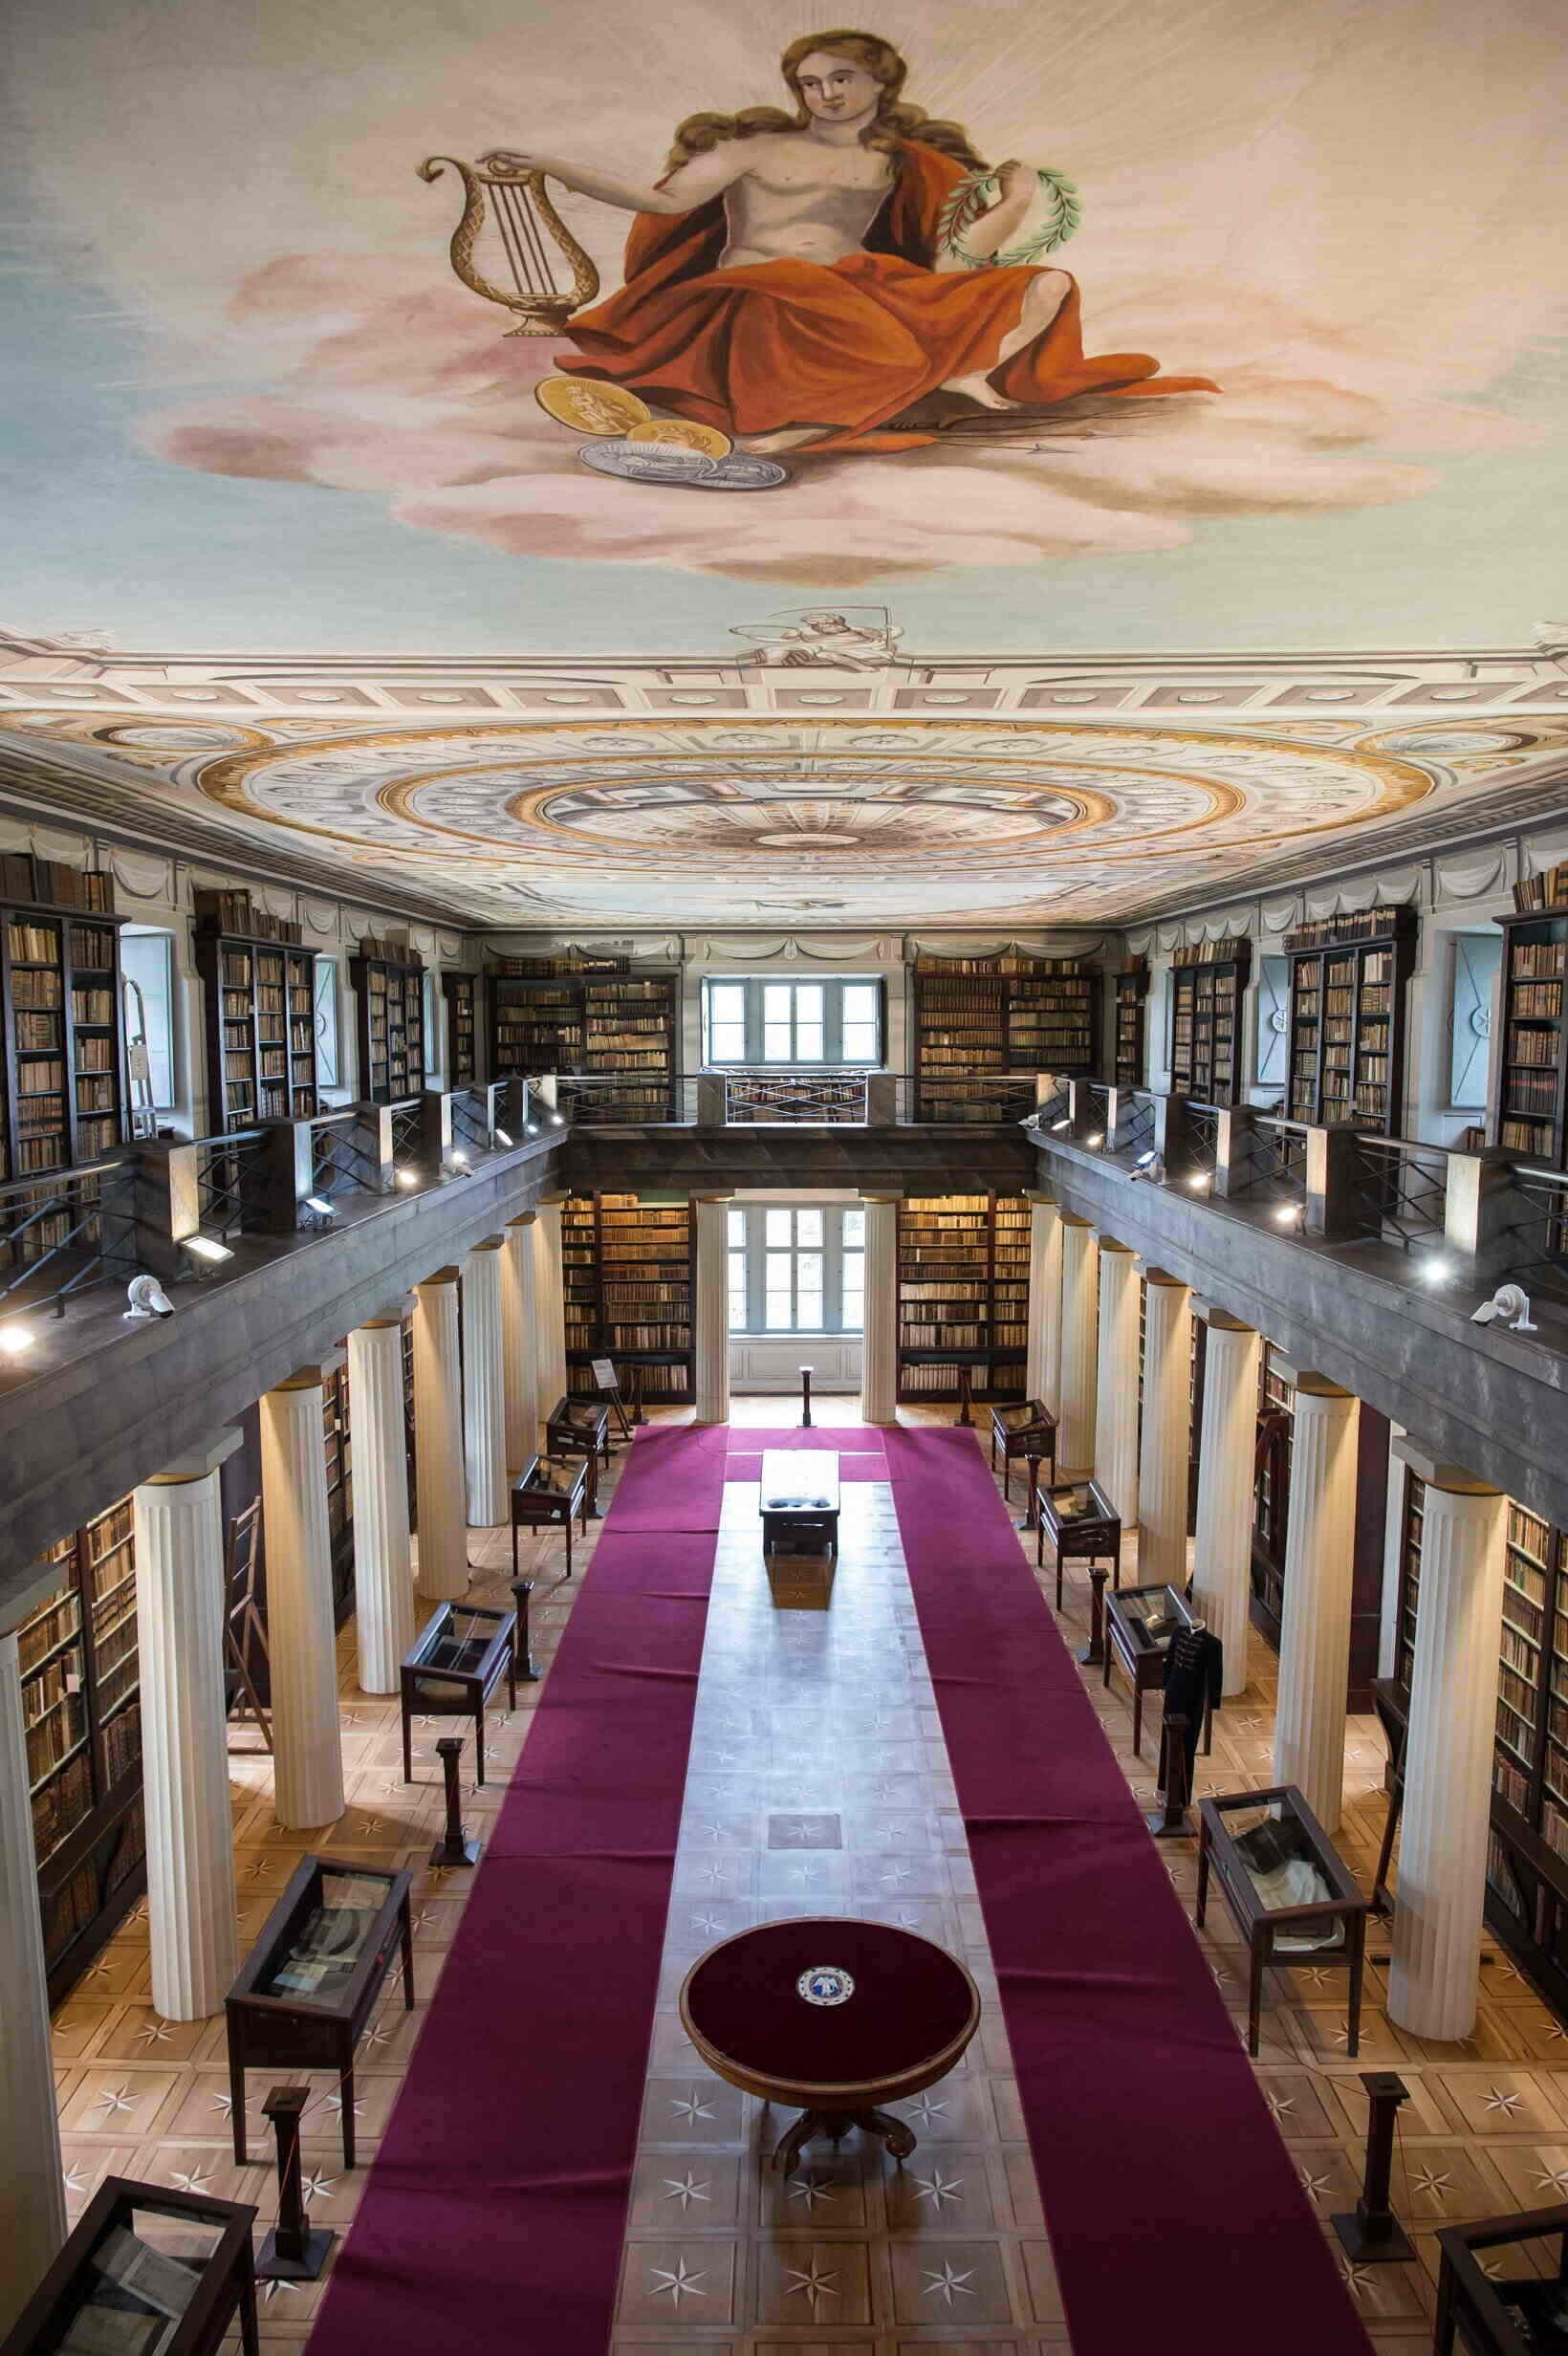 sarospatak library